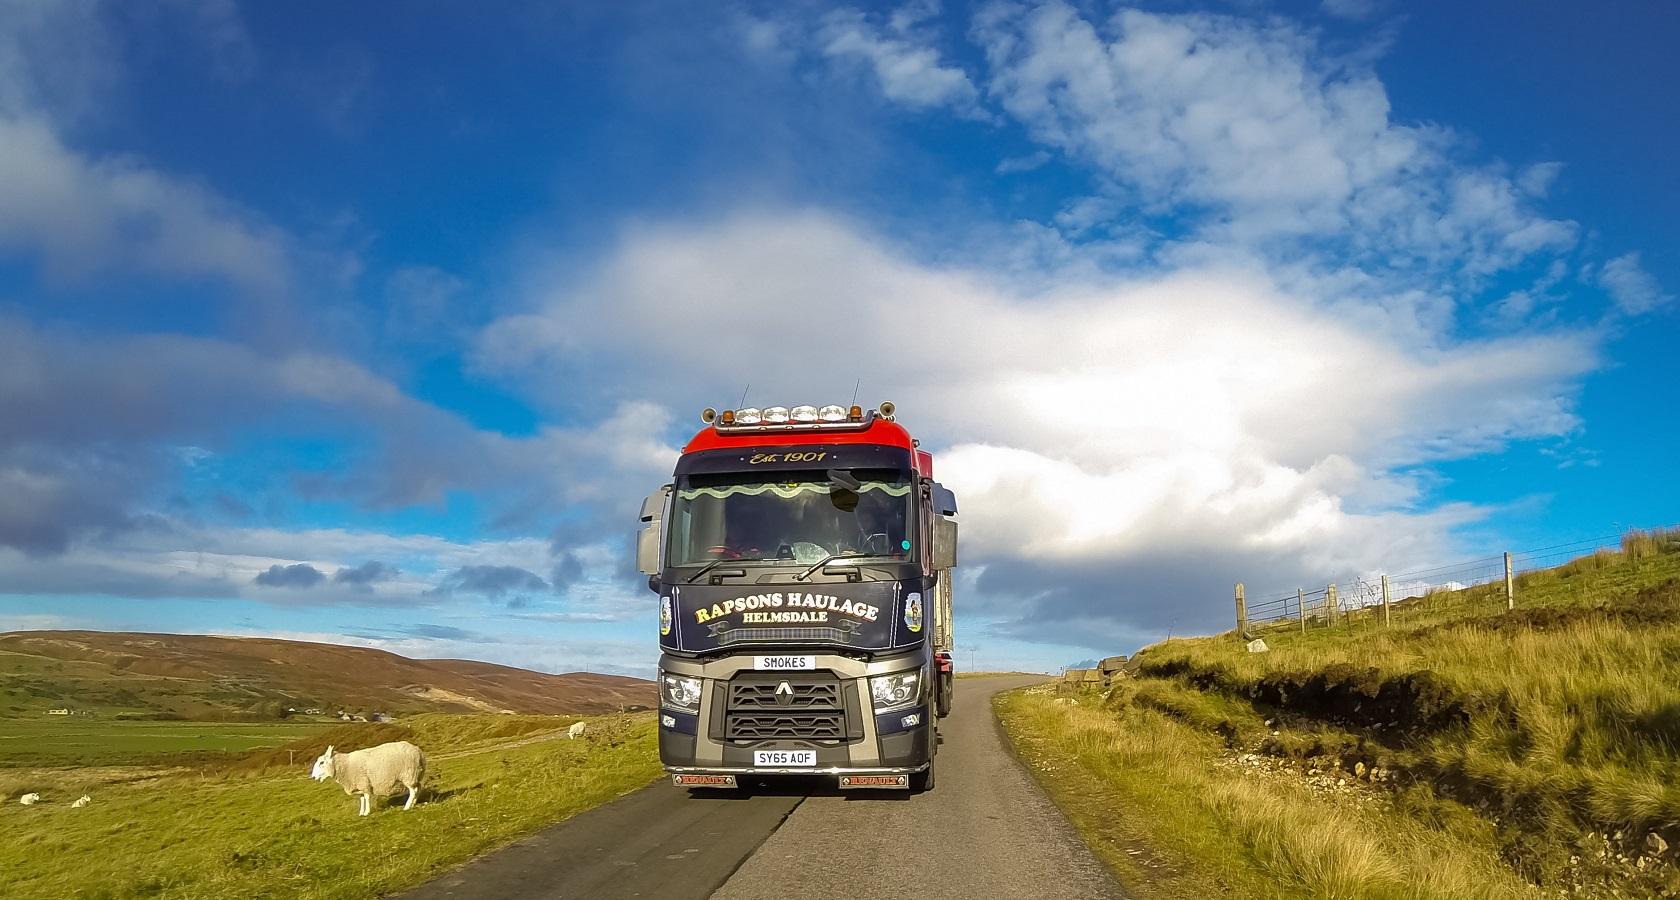 Новые изменения позволят снизить в 1,5 раза содержание вредных веществ в выхлопных газах новых автотранспортных средств (фото: Renault Trucks)